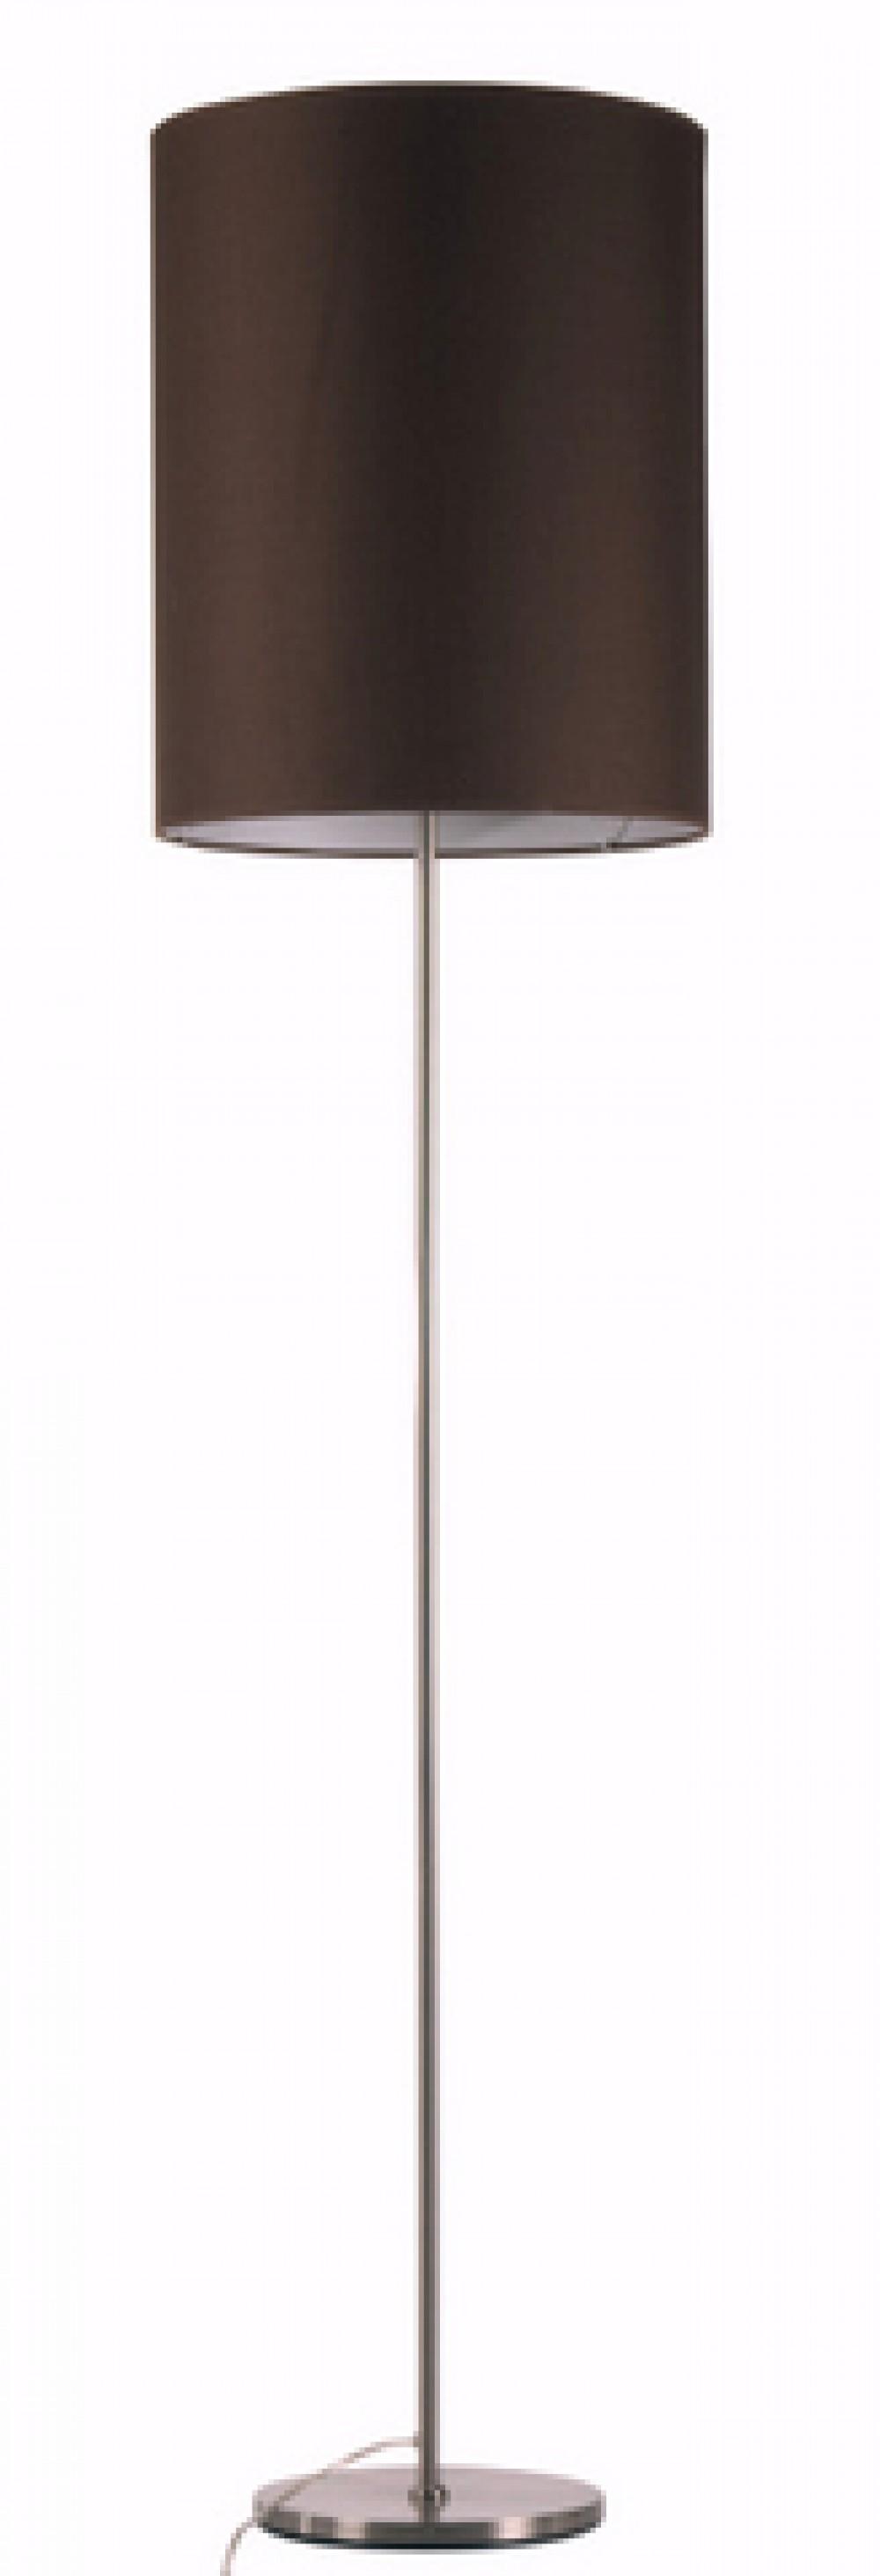 stehleuchte mit einem braunen zylinder lampenschirm 40 cm durchmesser h he 50 cm. Black Bedroom Furniture Sets. Home Design Ideas